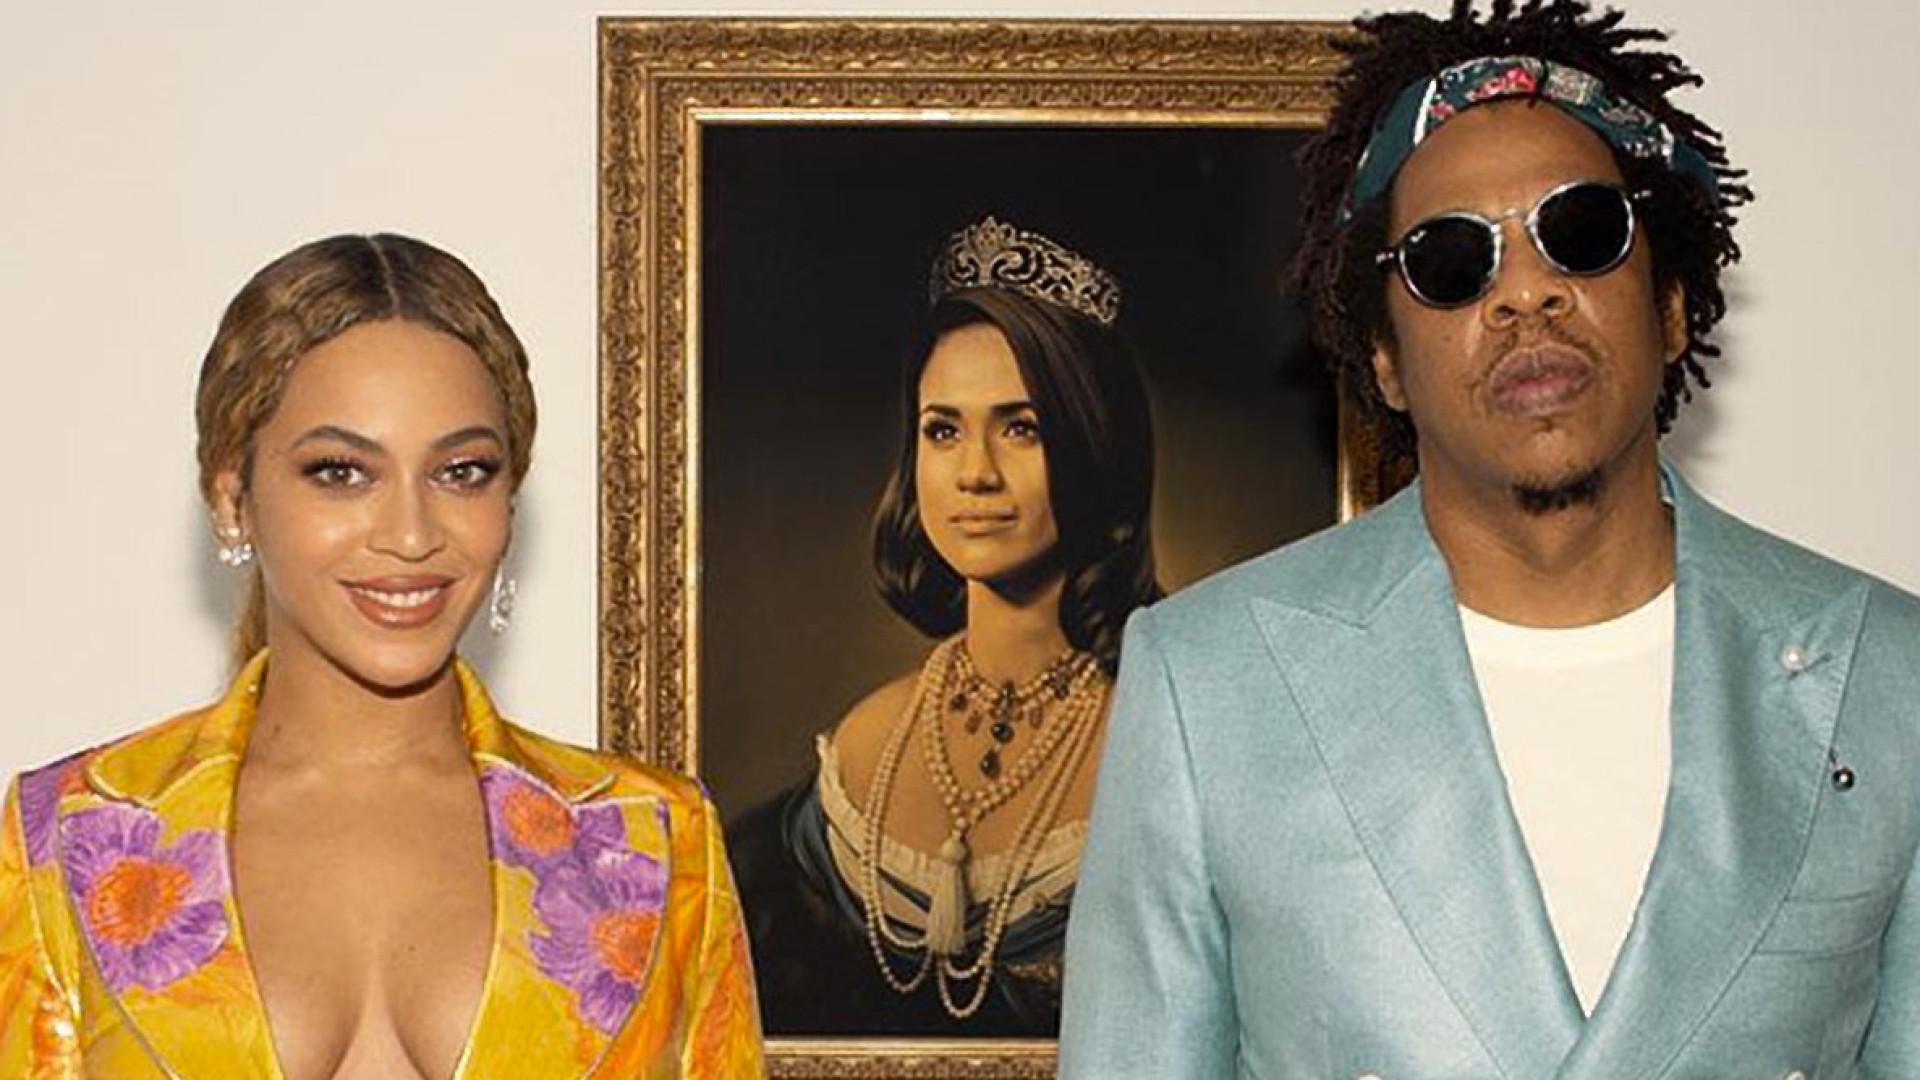 Obrigada por sua coragem', diz Beyoncé em apoio a Meghan Markle após entrevista com Oprah